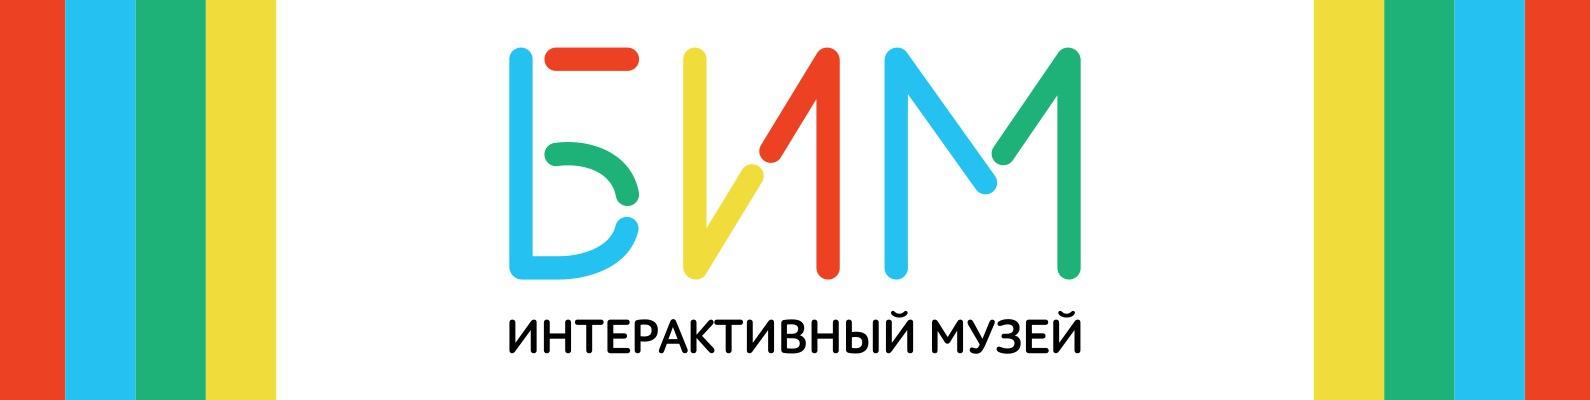 Интерактивный музей бим воронеж цена билета билеты театры минск